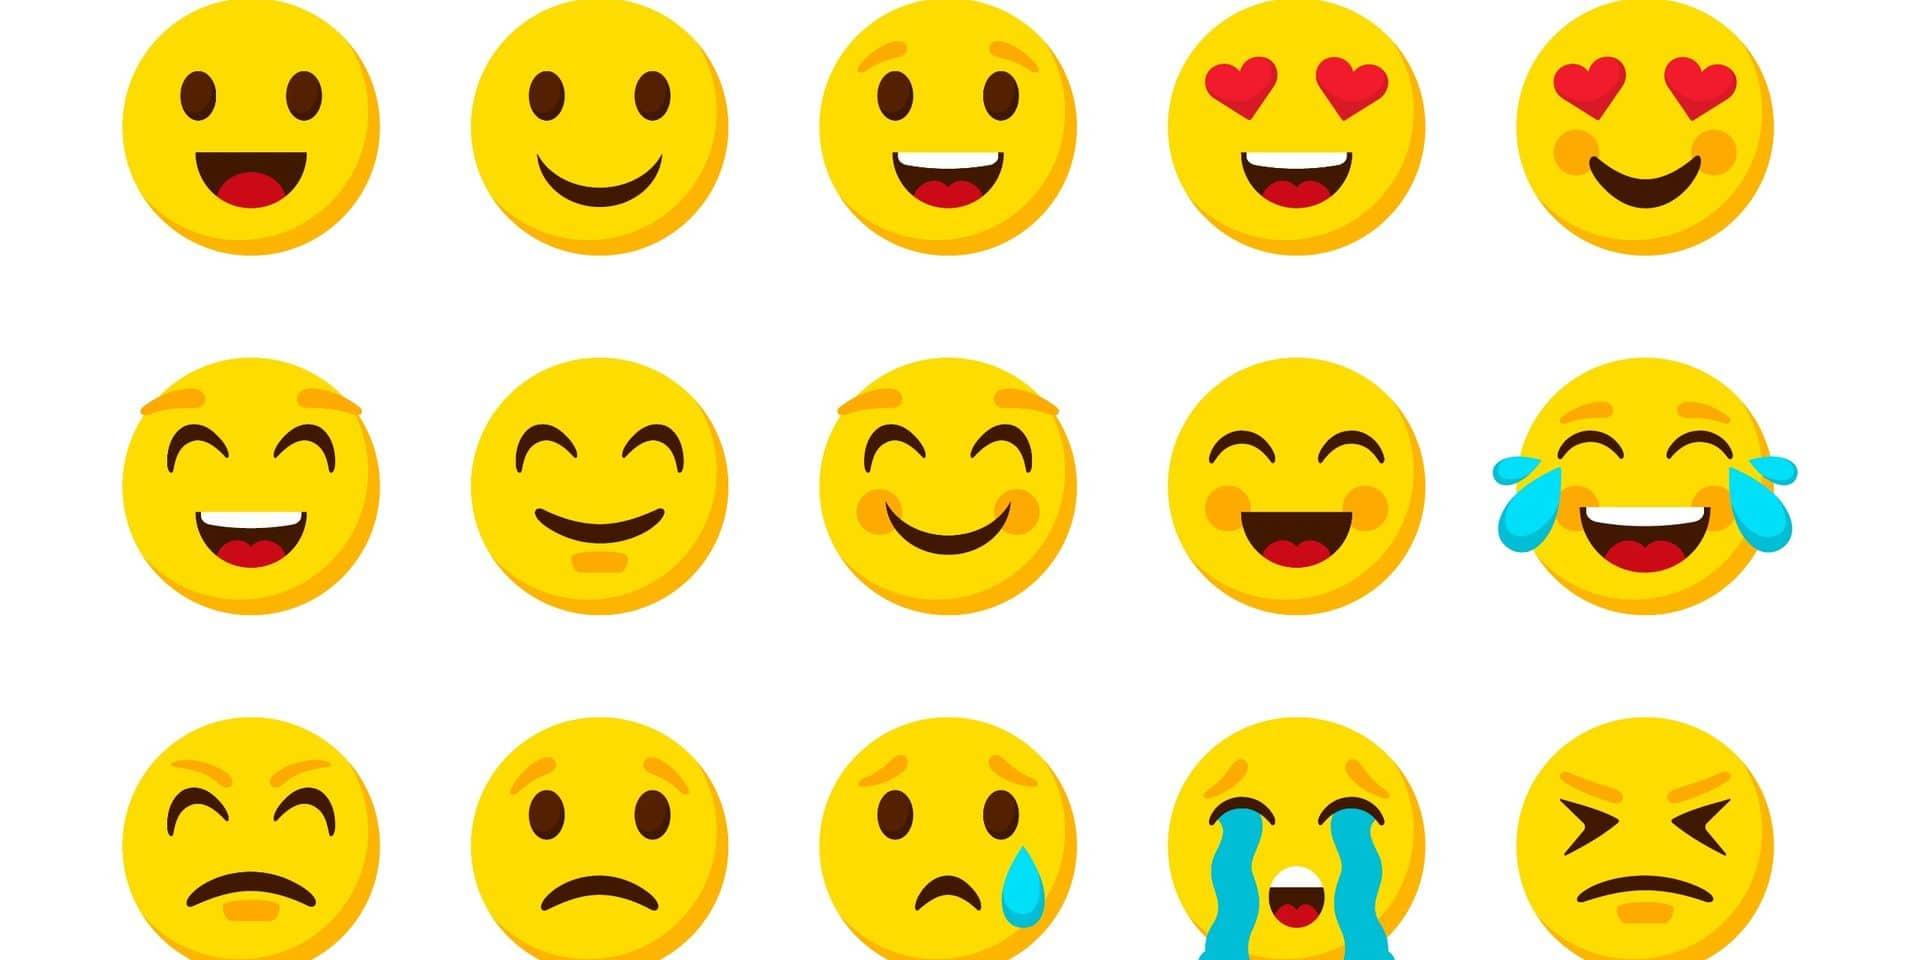 L'arrivée des nouveaux emojis reportée